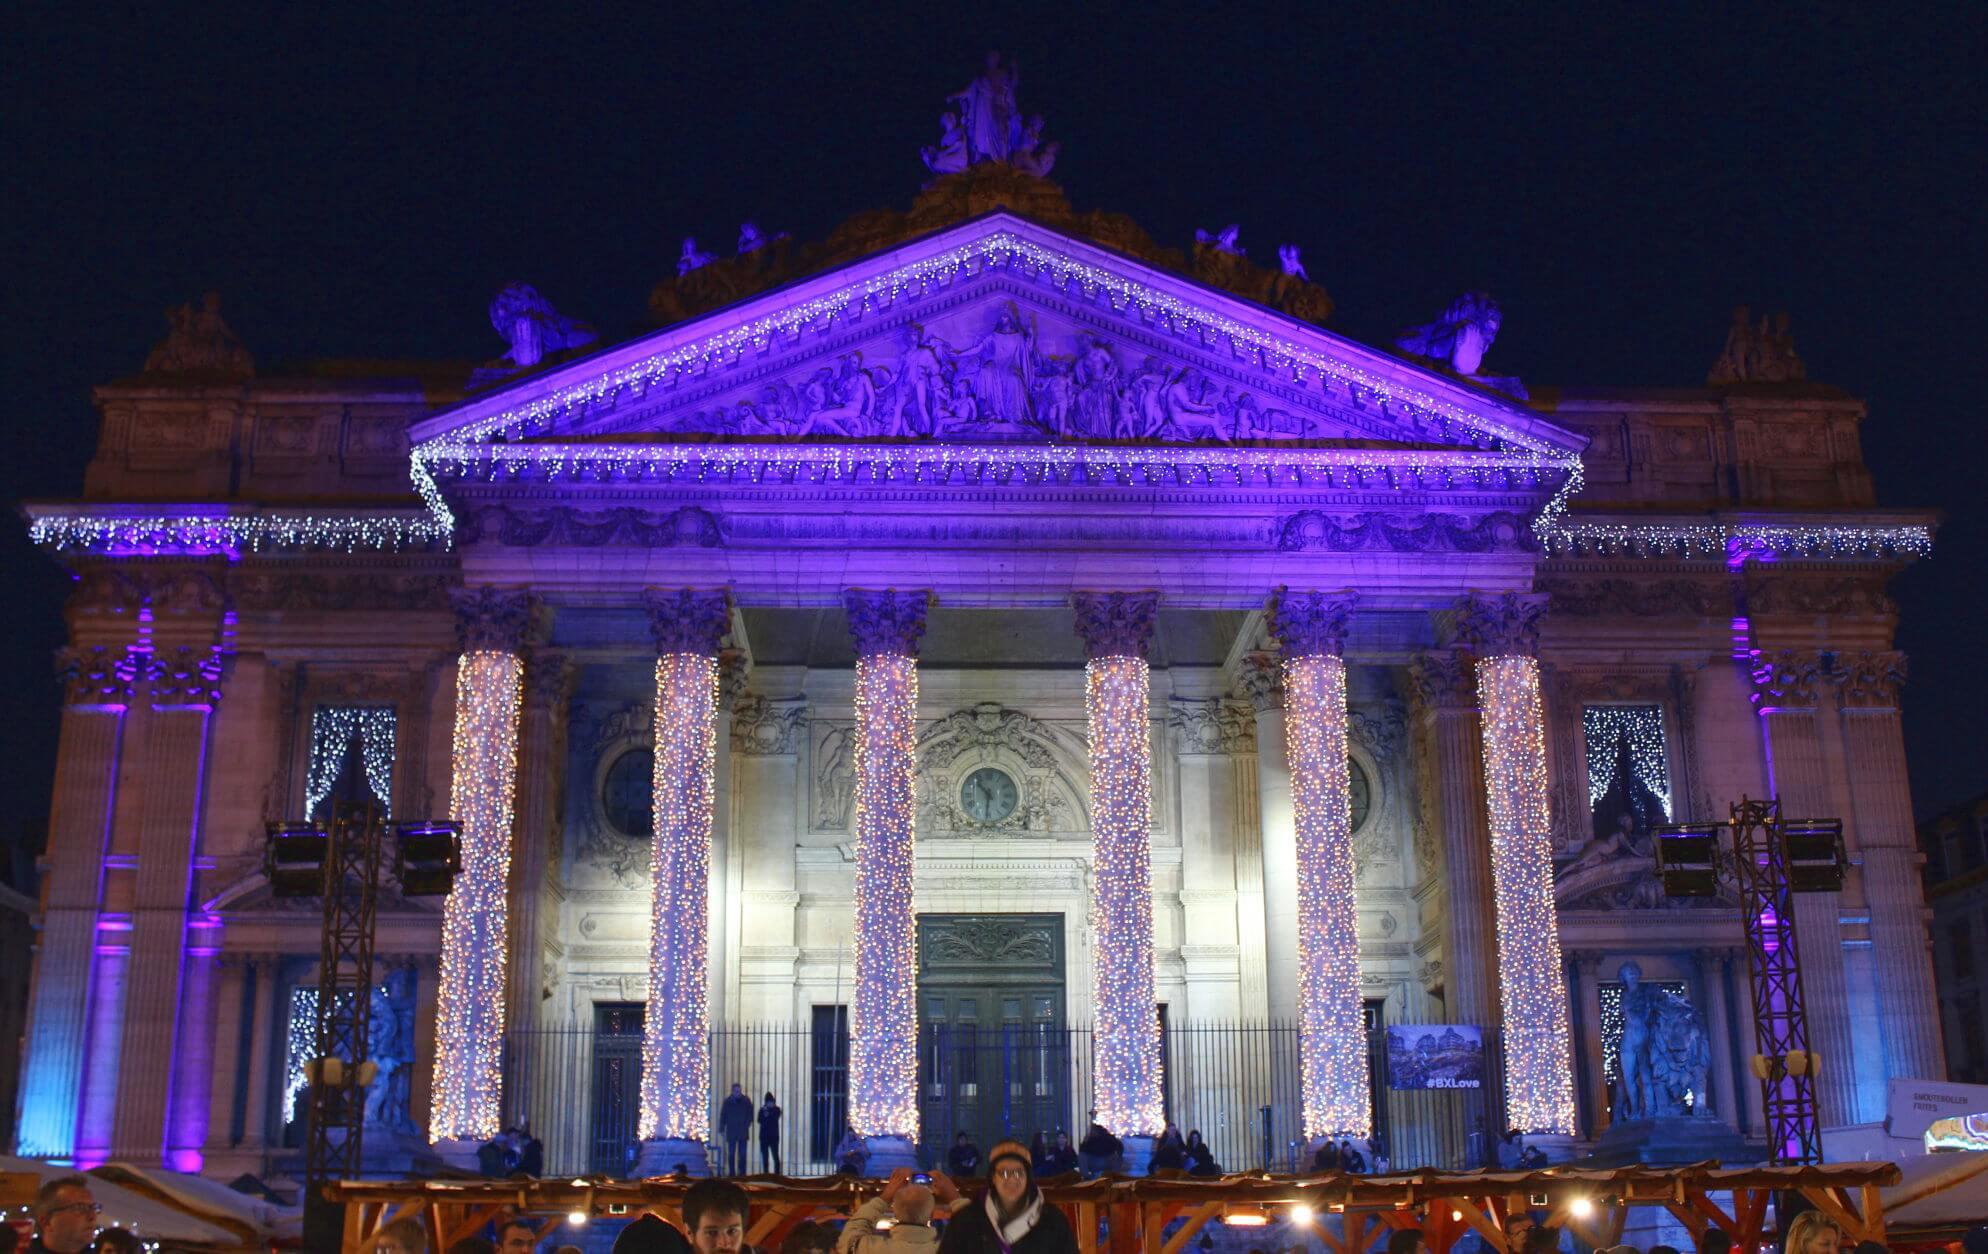 La Bourse in Brüssel mit Weihnachtsbeleuchtung